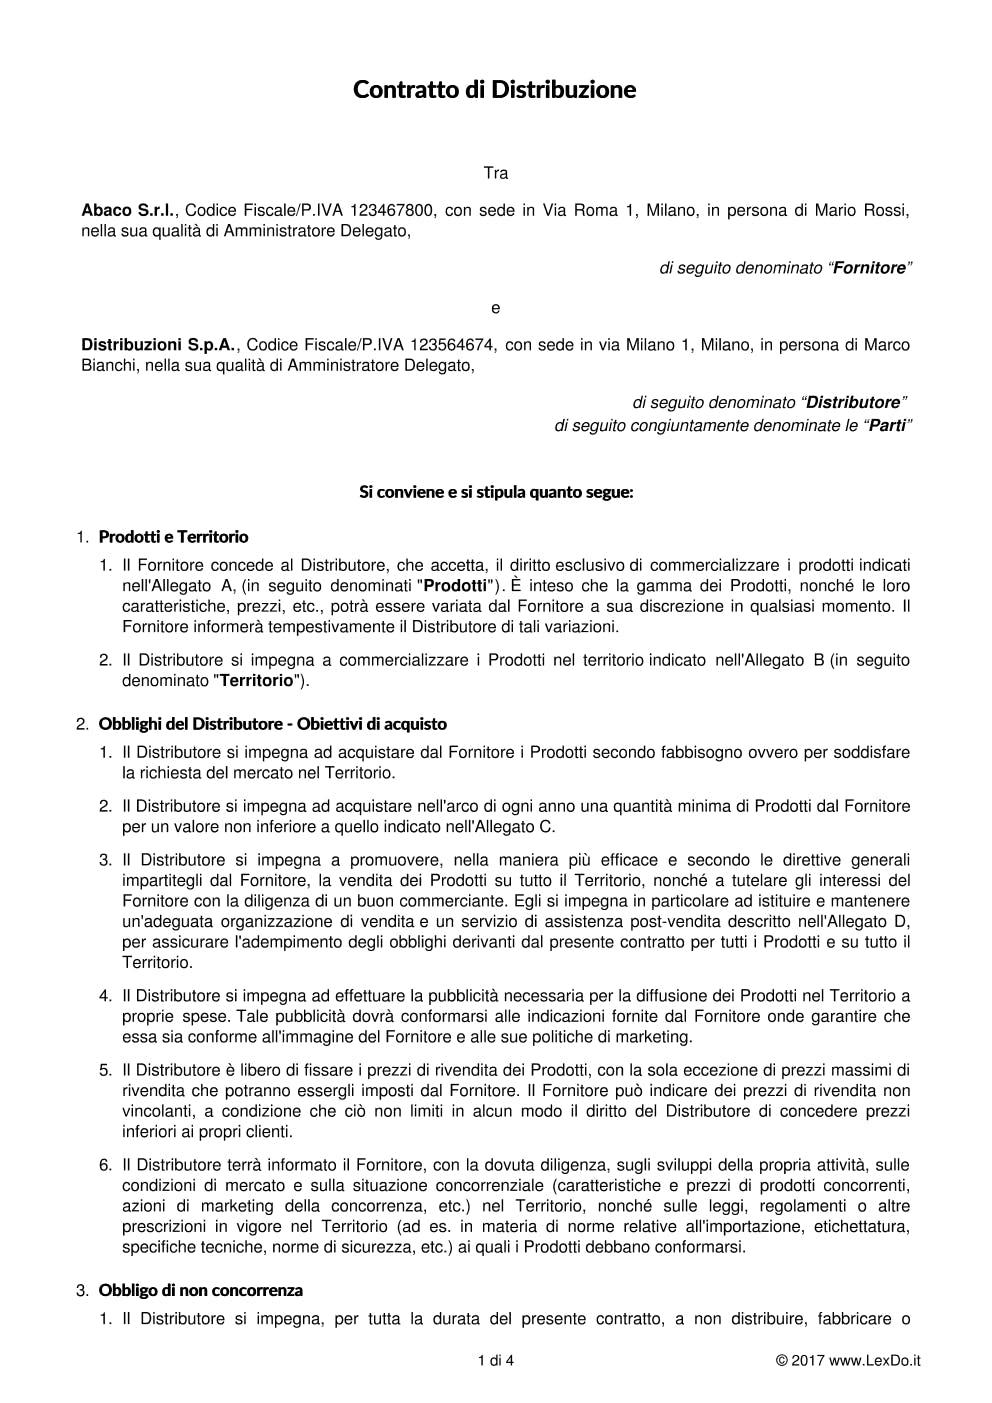 Contratto per Rivenditore Autorizzato modello